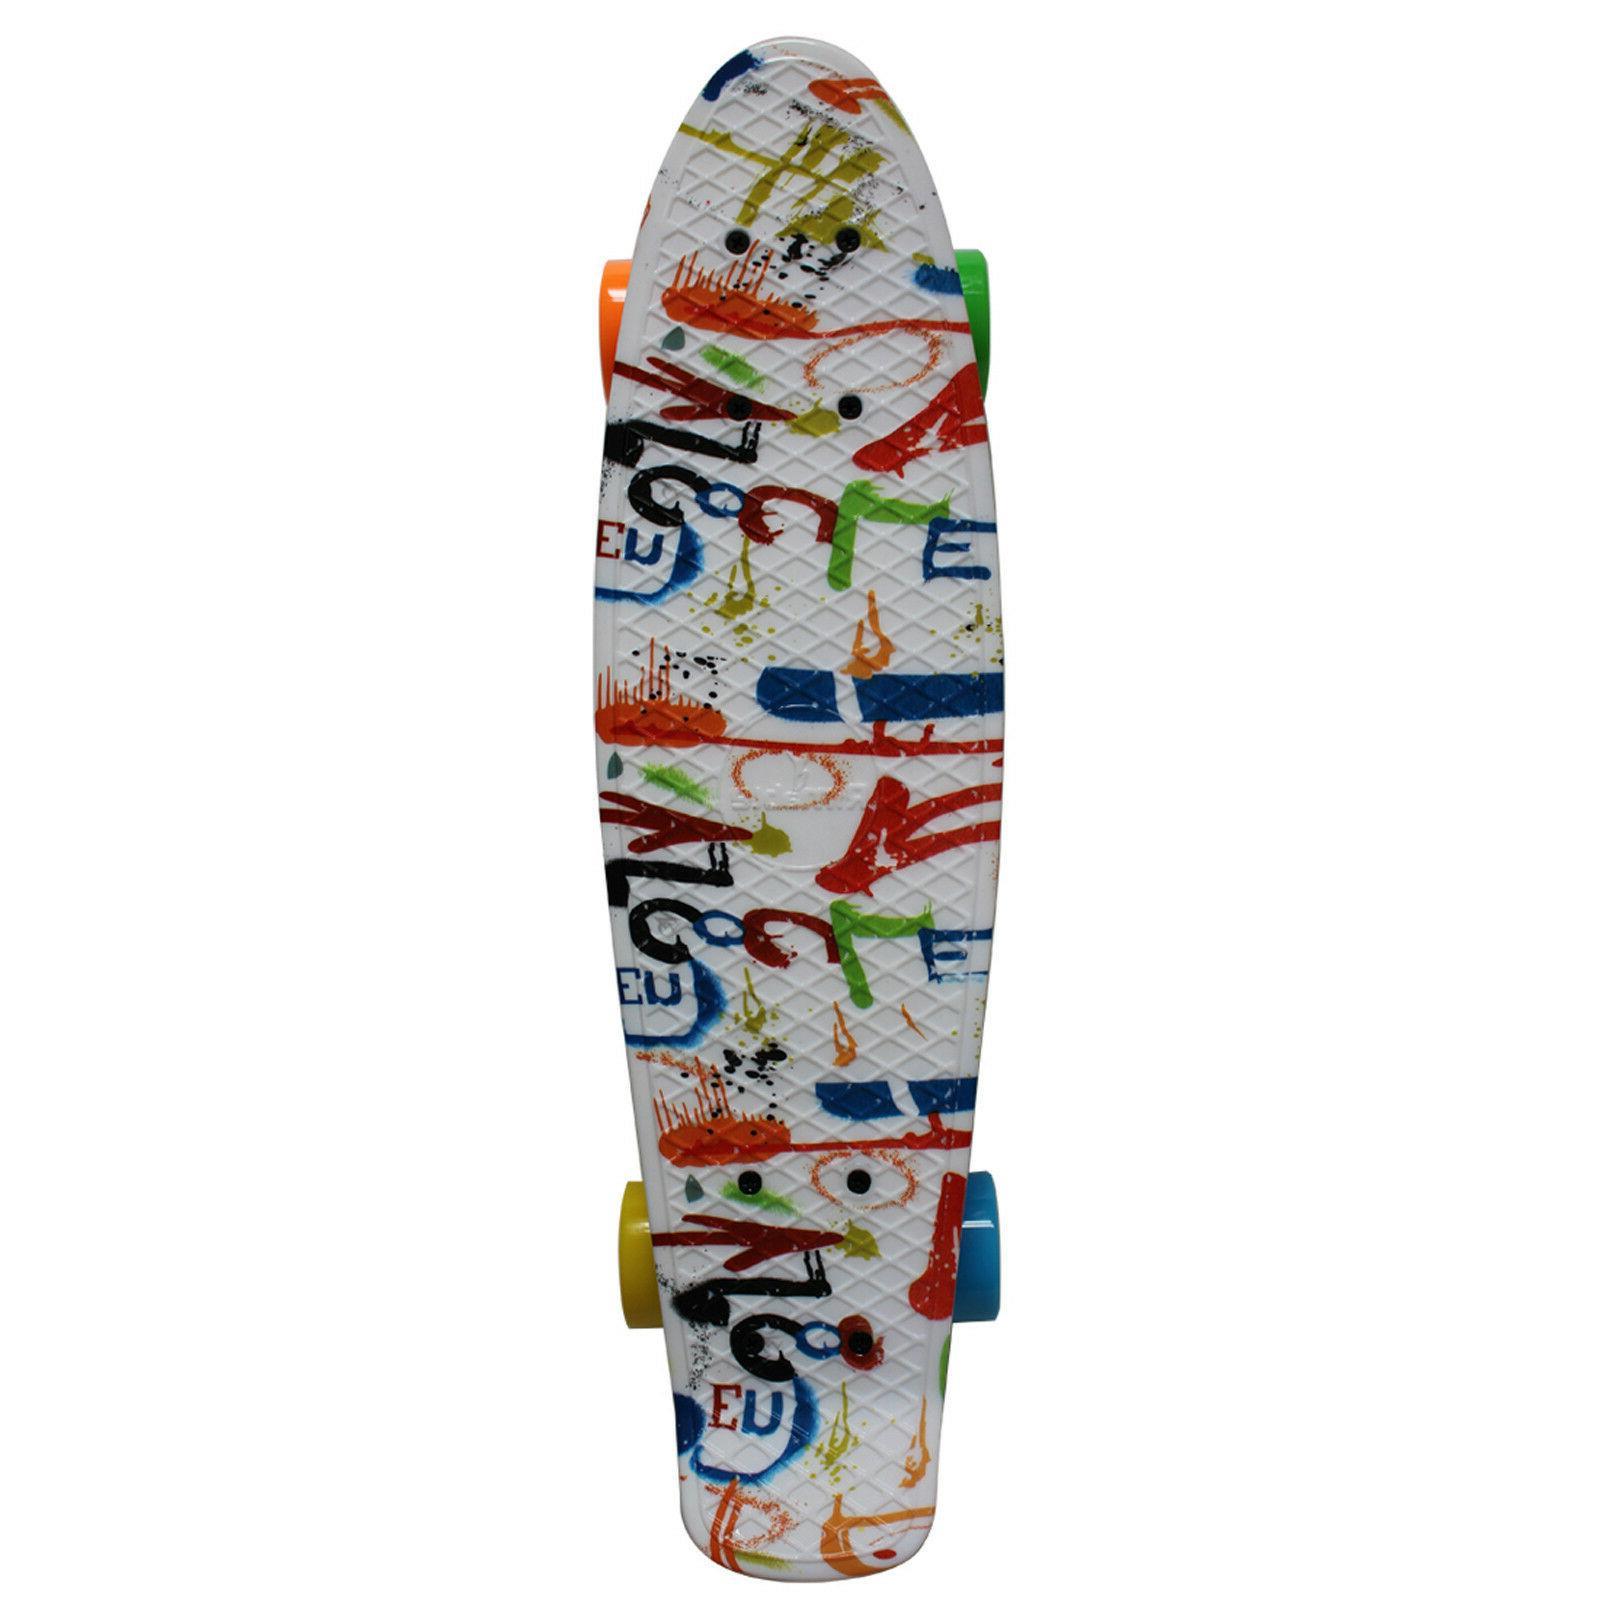 """Rimable 22"""" Retro Mini Cruiser Skateboard Graphic"""